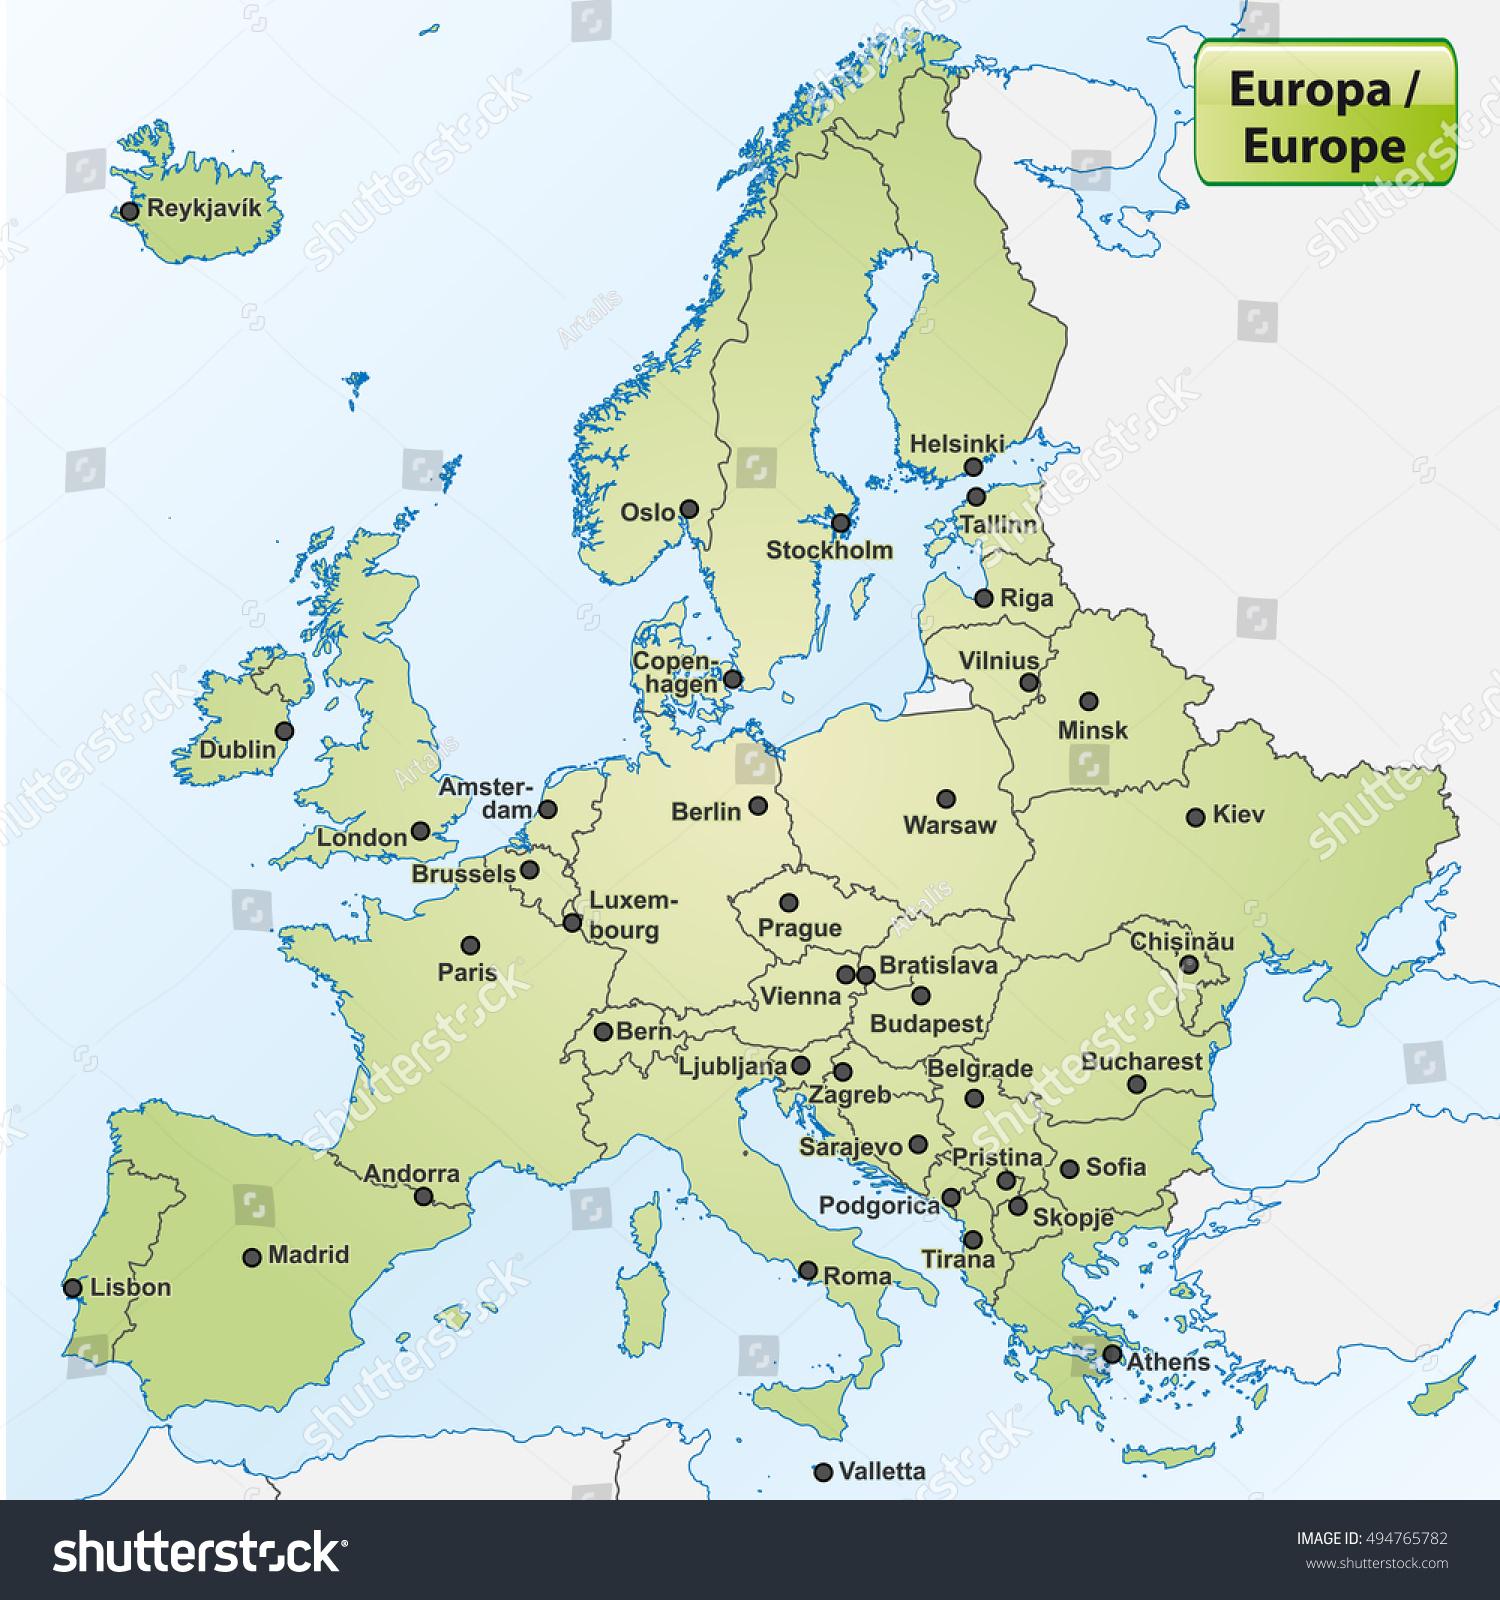 Image Vectorielle De Stock De Carte De L'europe Avec Les à Carte Europe Avec Capitale